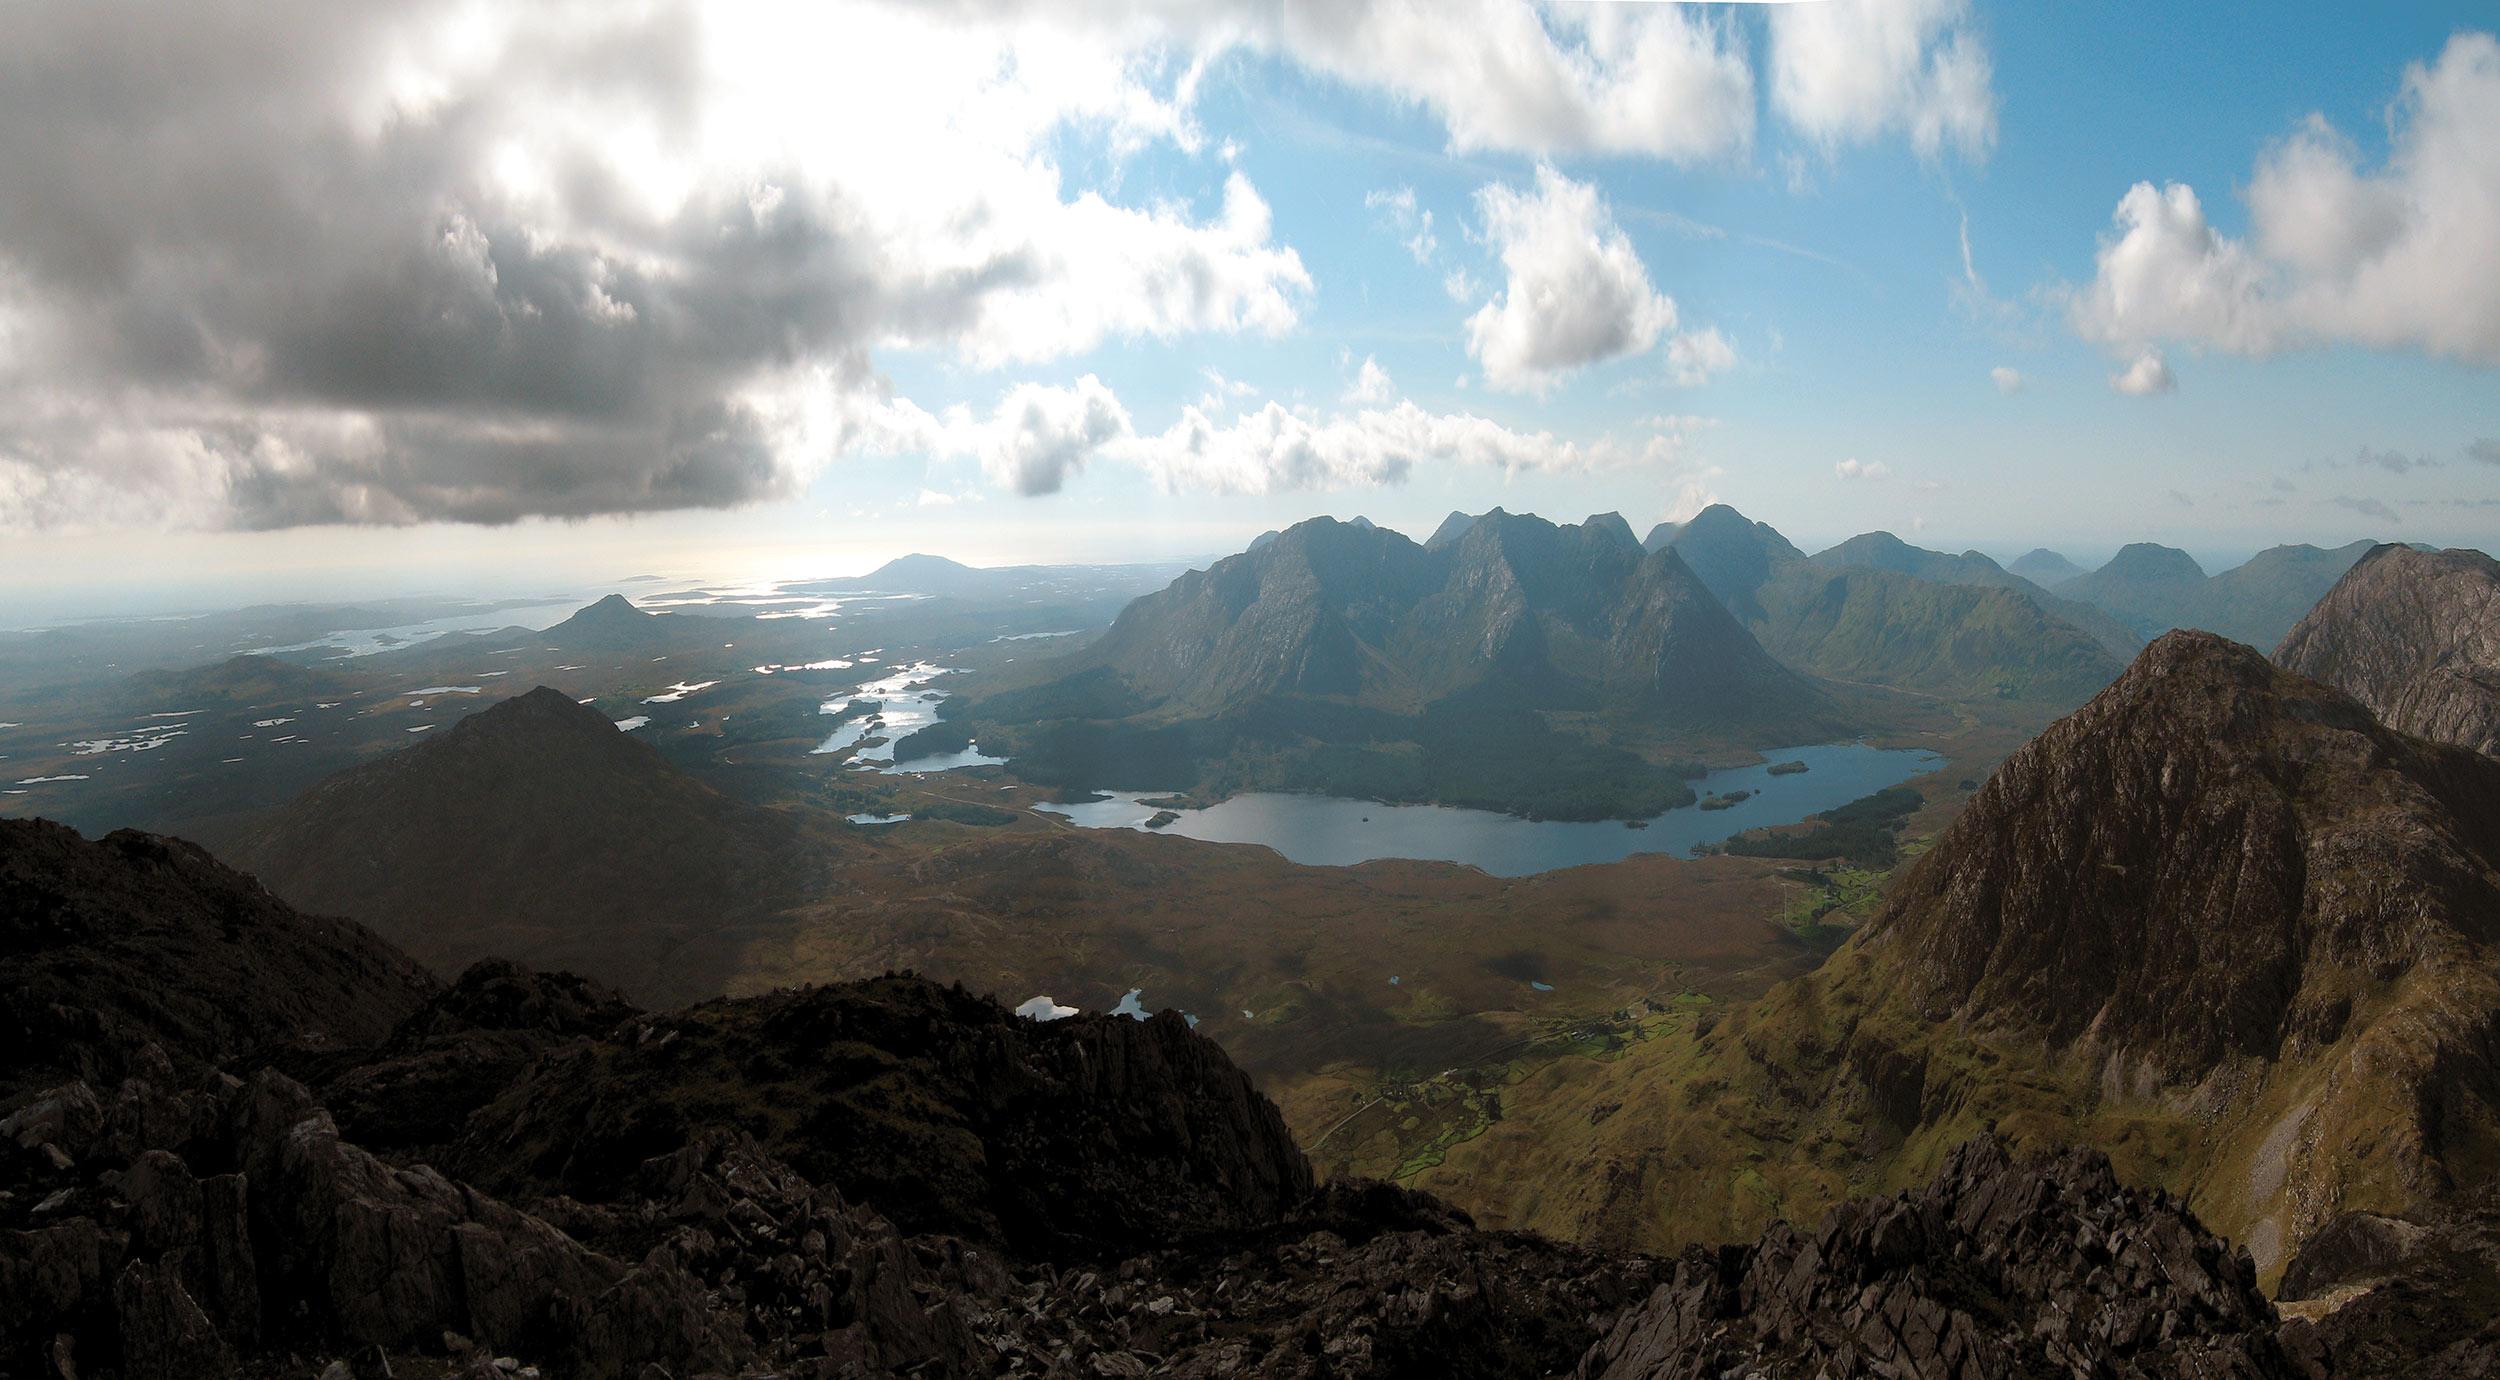 12-Bens-Panorama-(Joe-Wilson).jpg